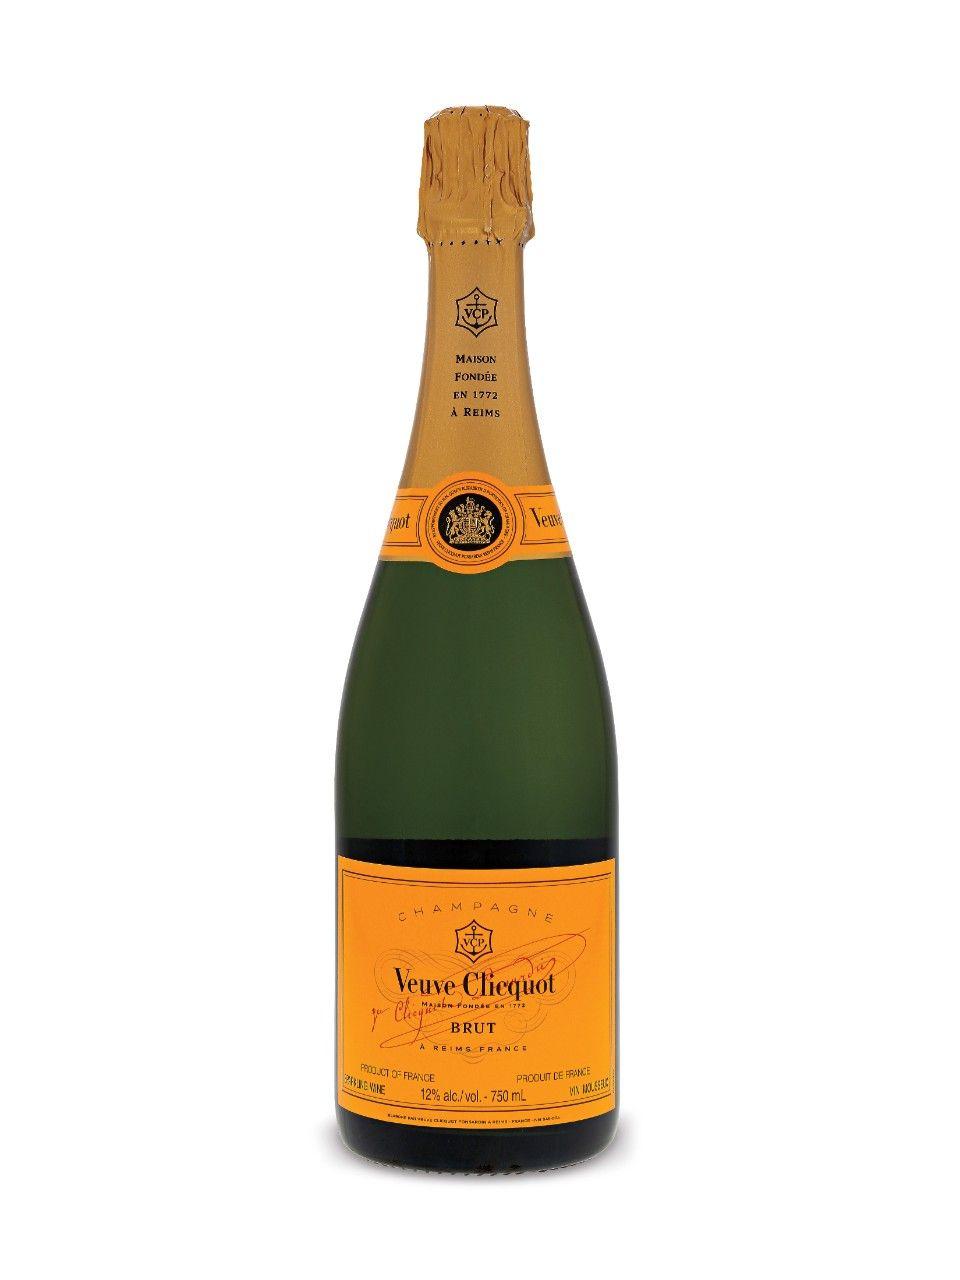 Veuve Clicquot Brut Champagne Pale Lemon With Fine Bubbles The